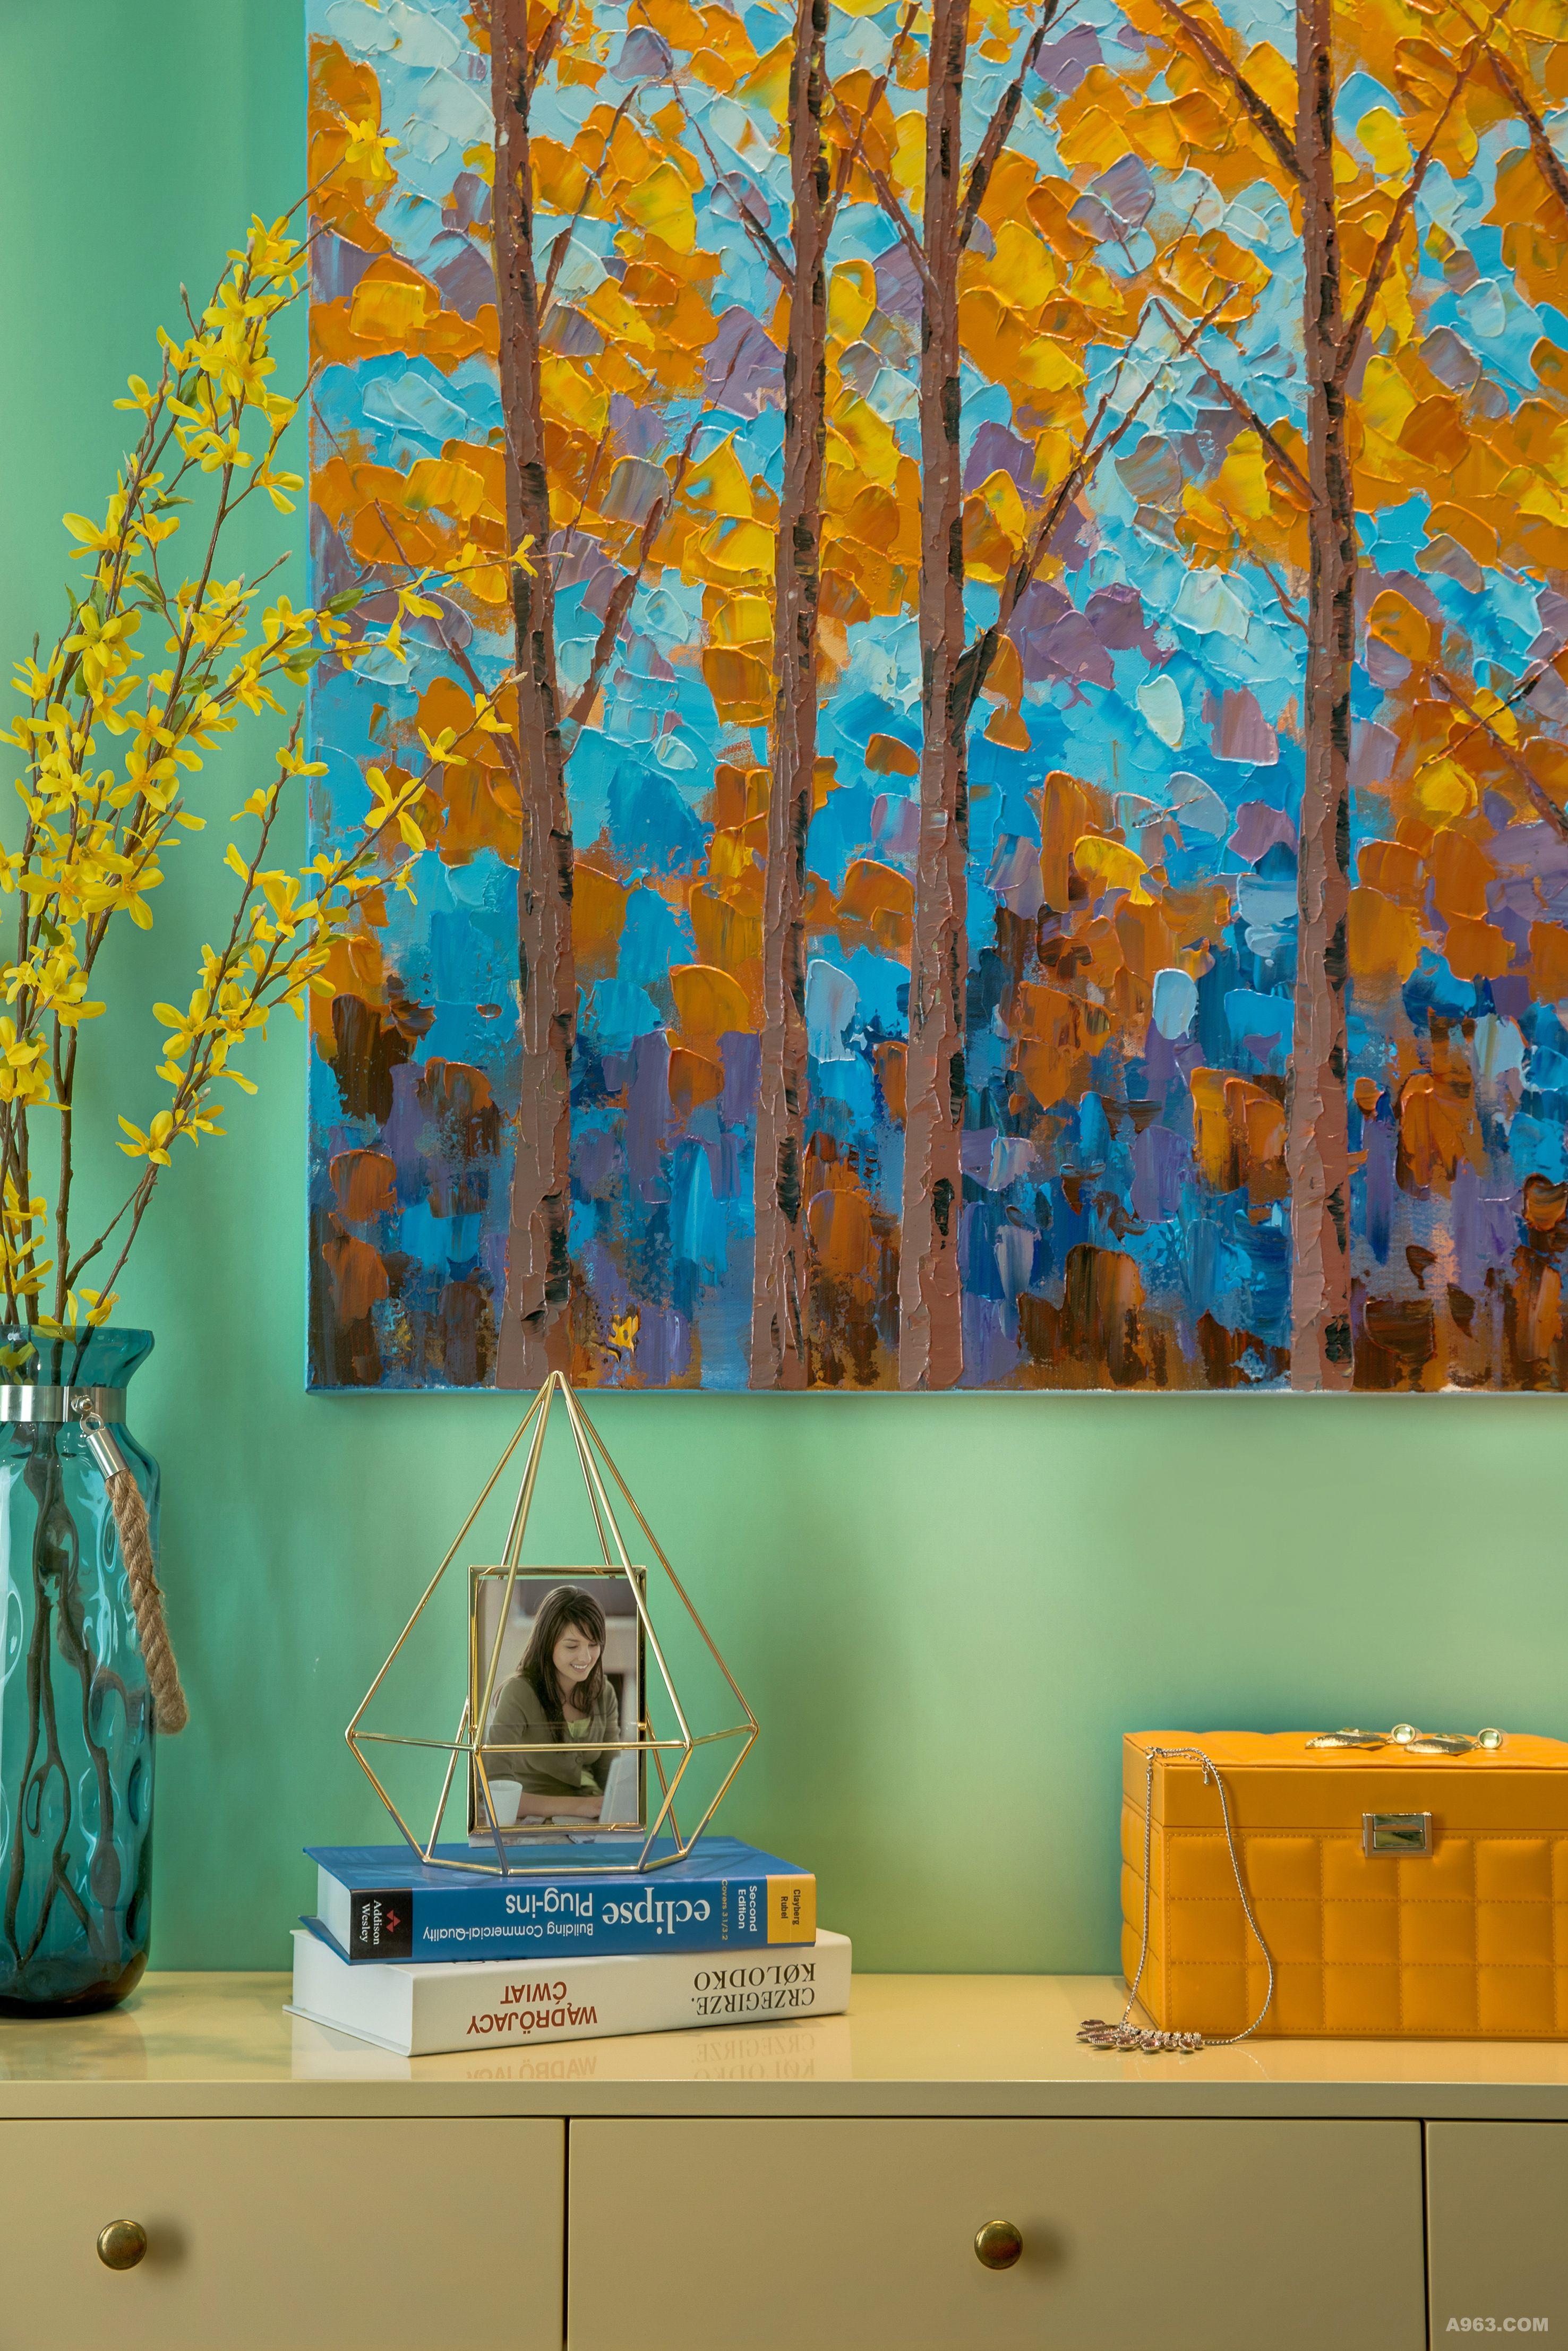 一瓶花,一幅画,几本书,一个独特的收纳。生活,就是多彩的光影,也是独自成景的悠扬。